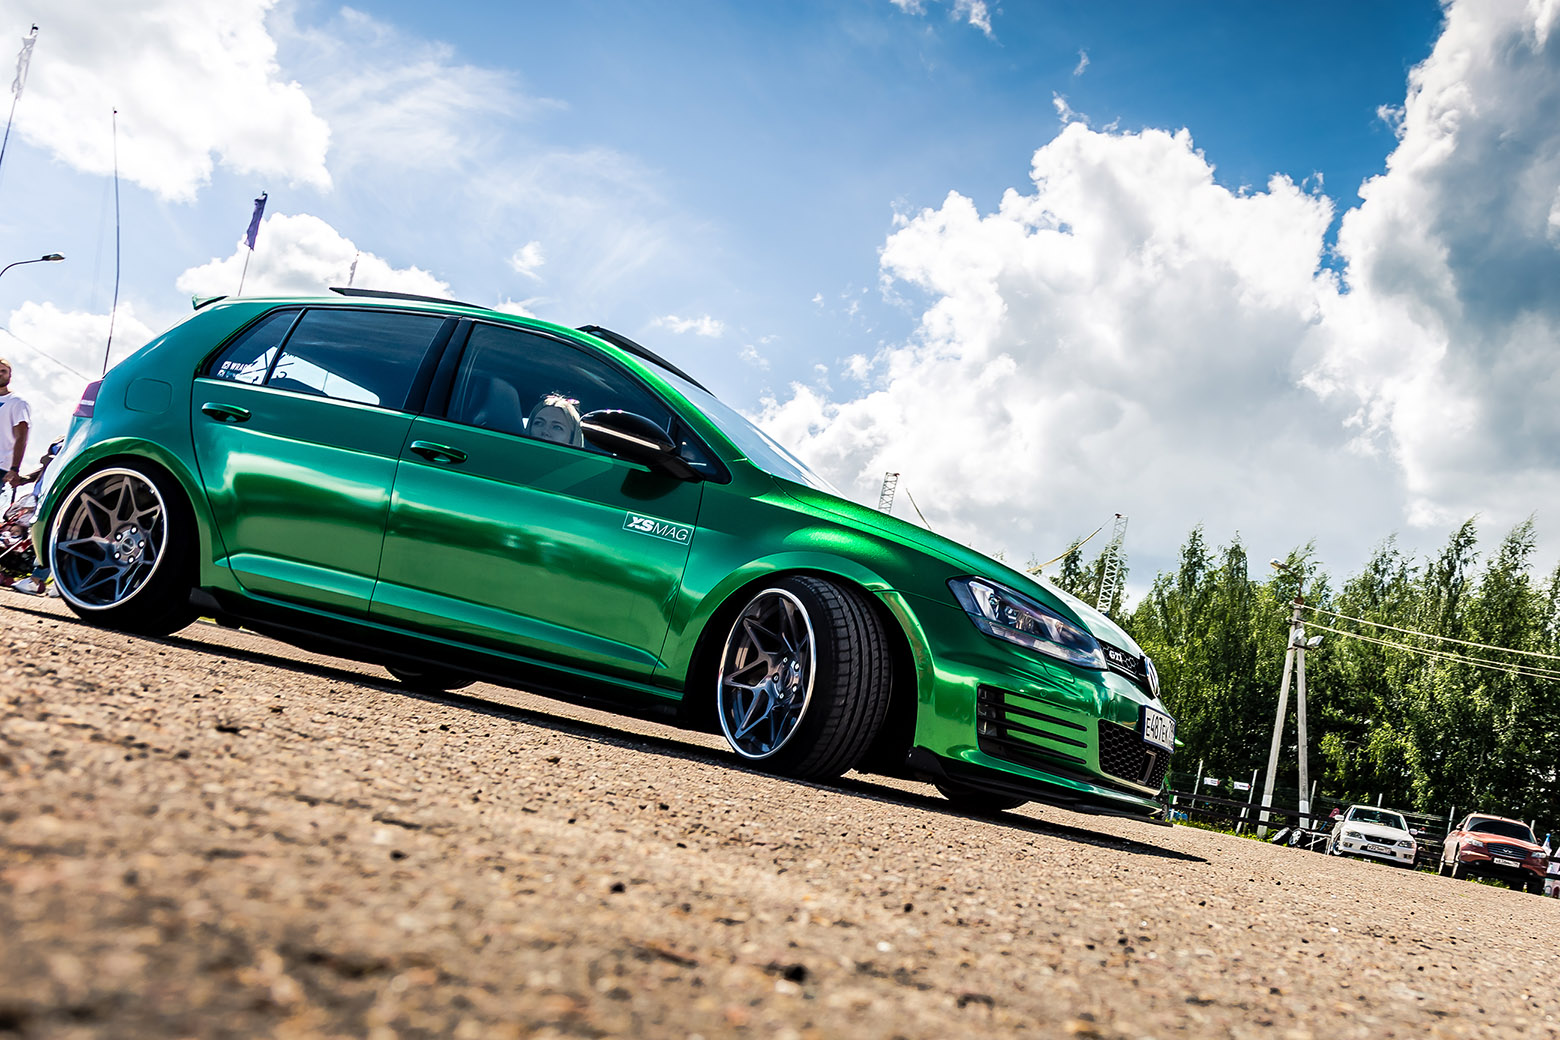 volkswagen golf verde rebaixado com suspensao a ar